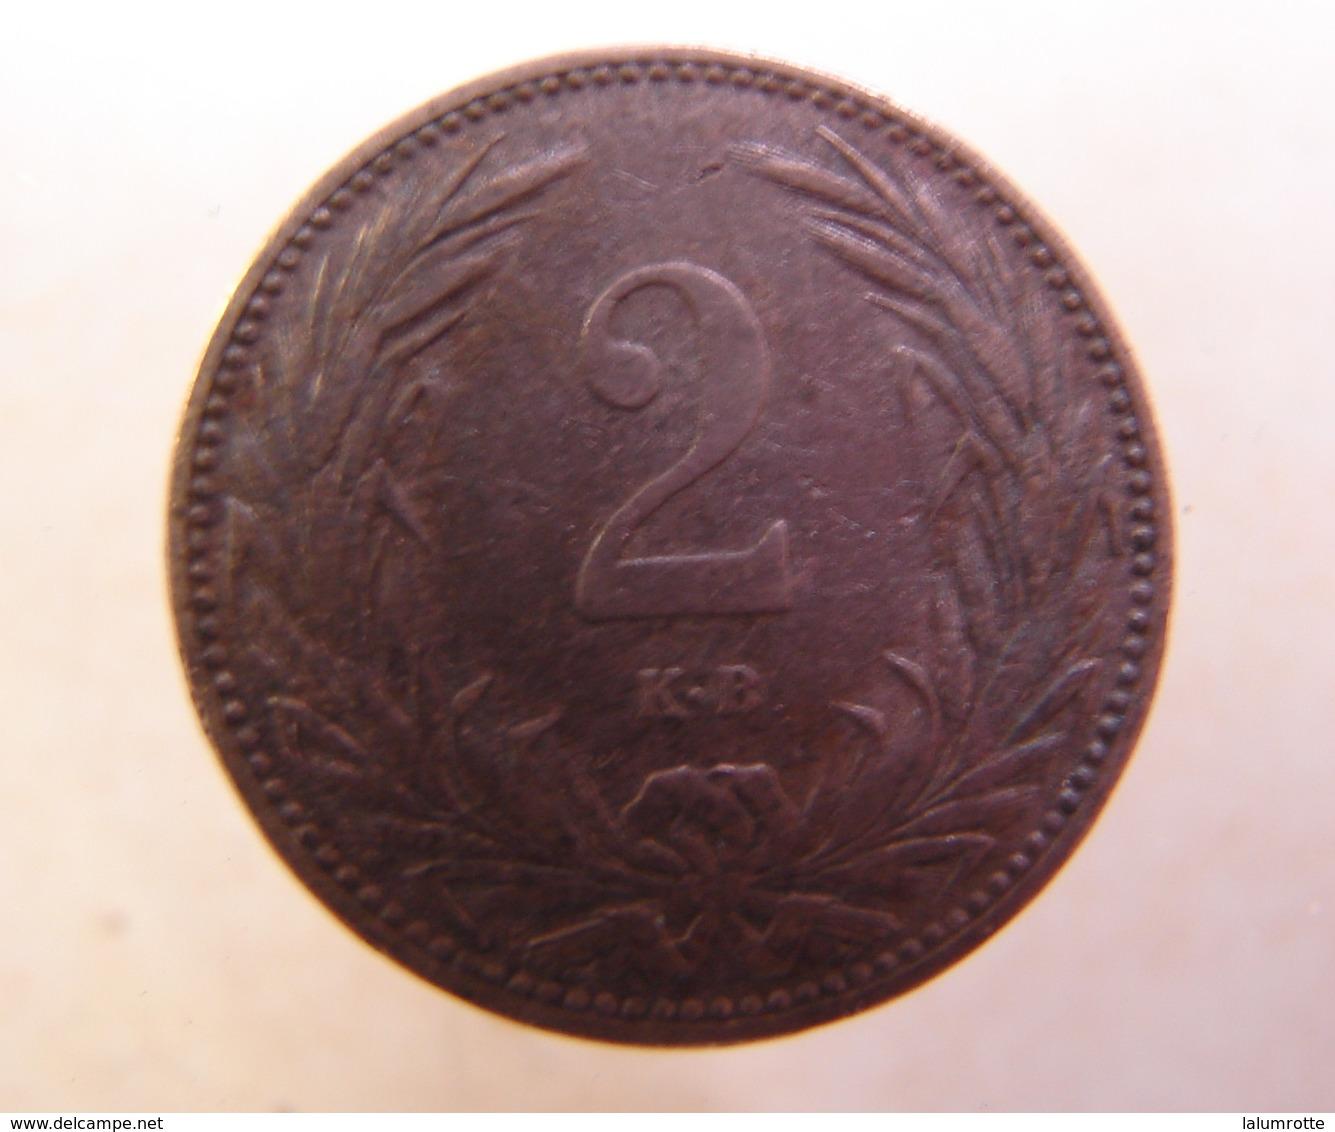 Monnaie. 13. Hungria. 2 Filler 1901. - Hongarije